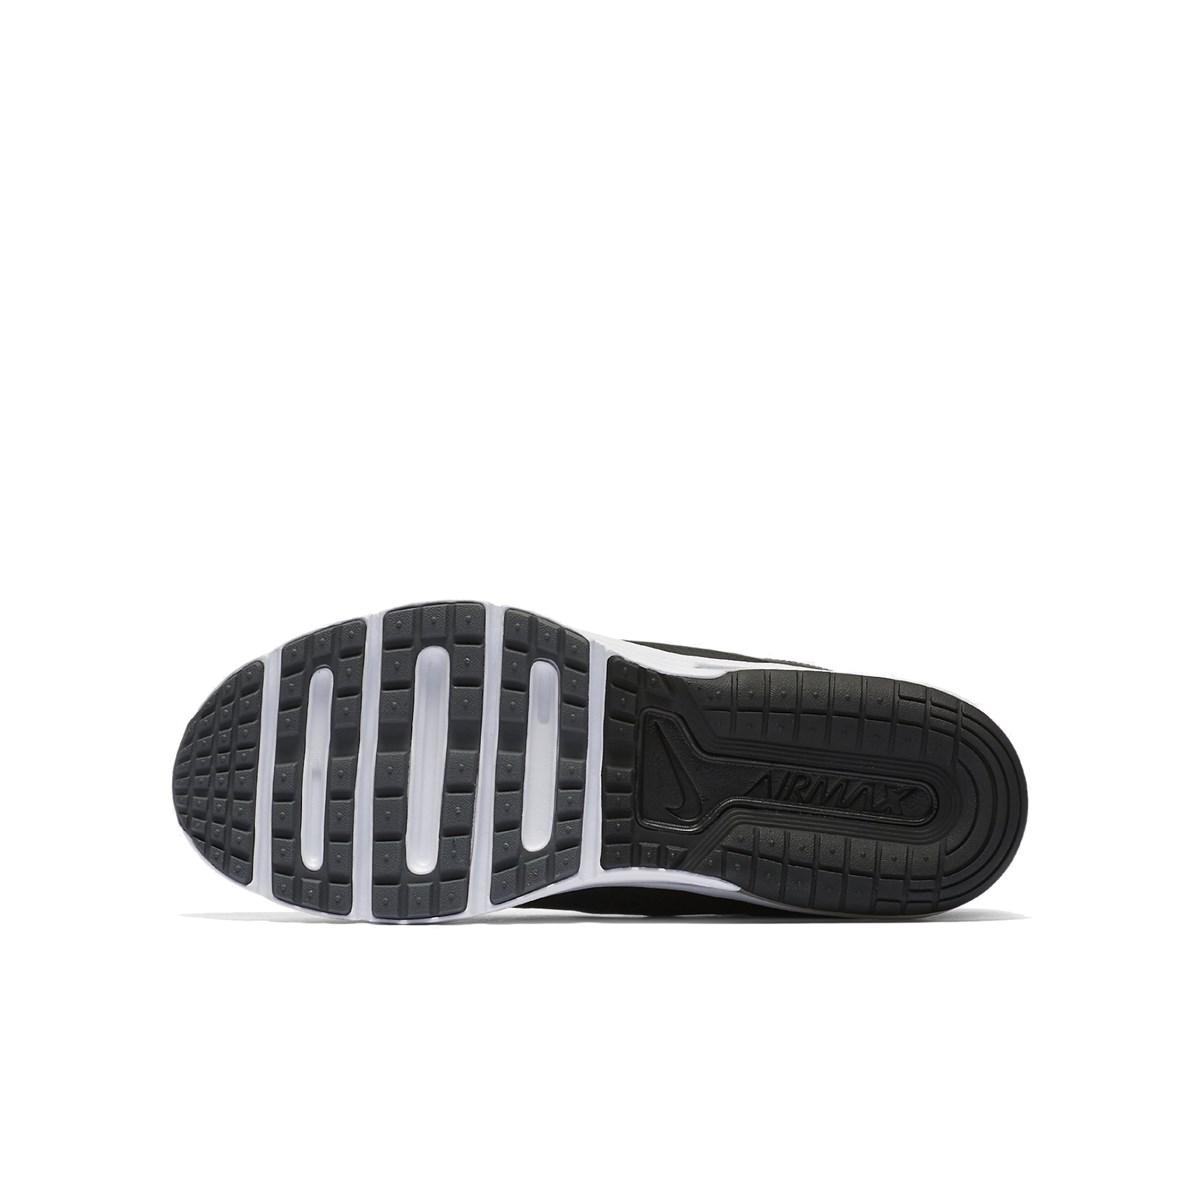 Air Max Sequent 3 Siyah Spor Ayakkabı